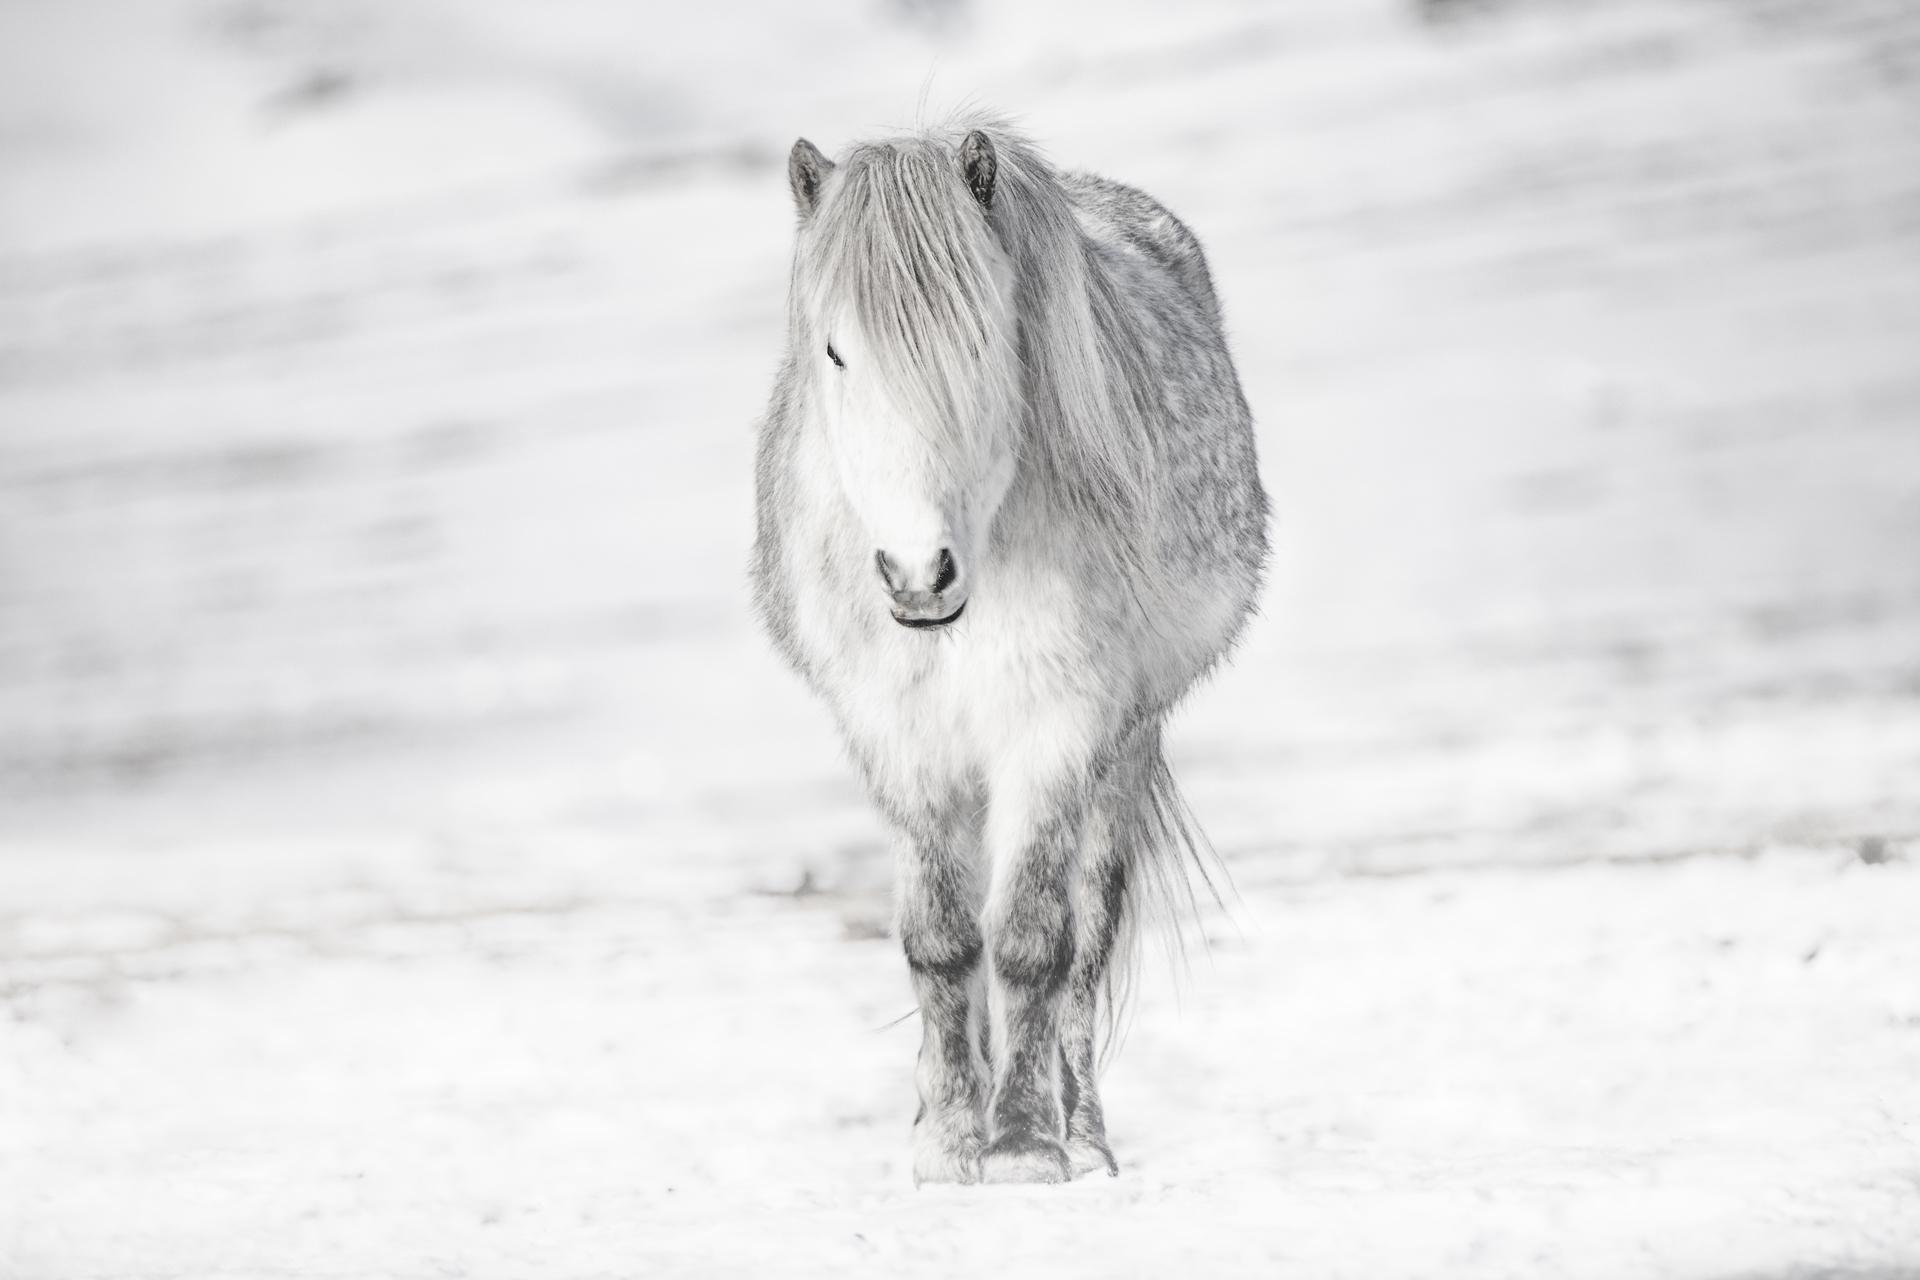 White on white - Iceland 2017